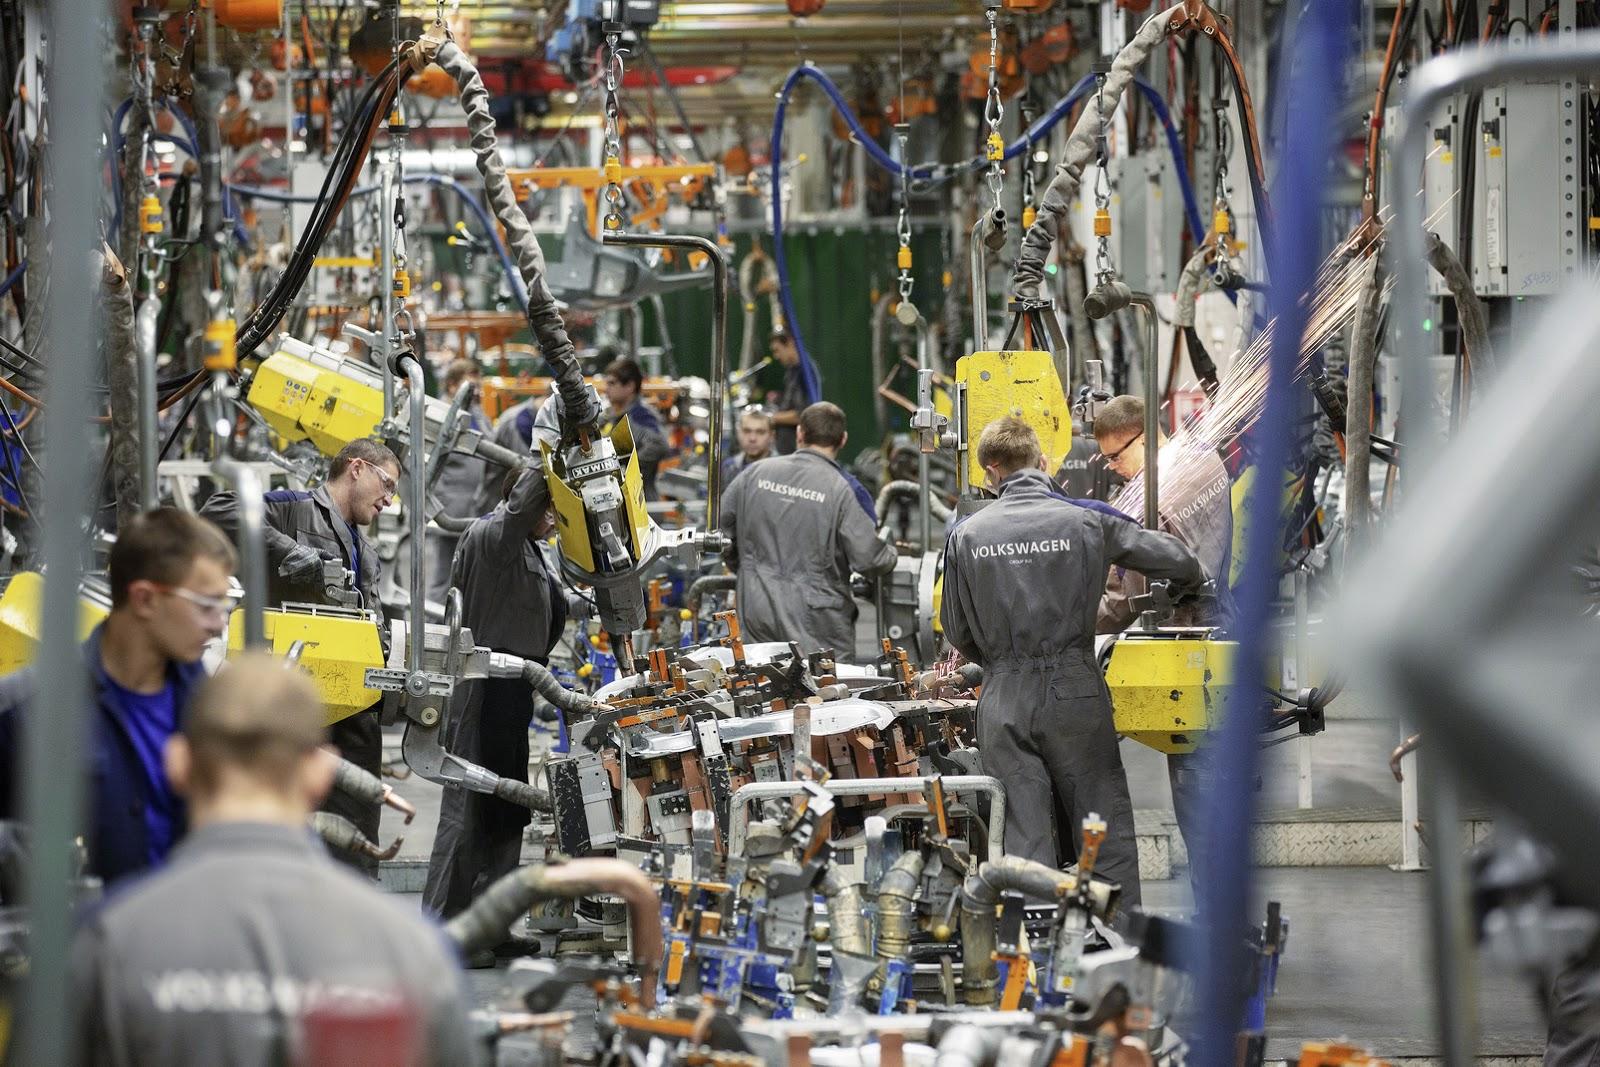 Robot giết chết người tại nhà máy Volkswagen